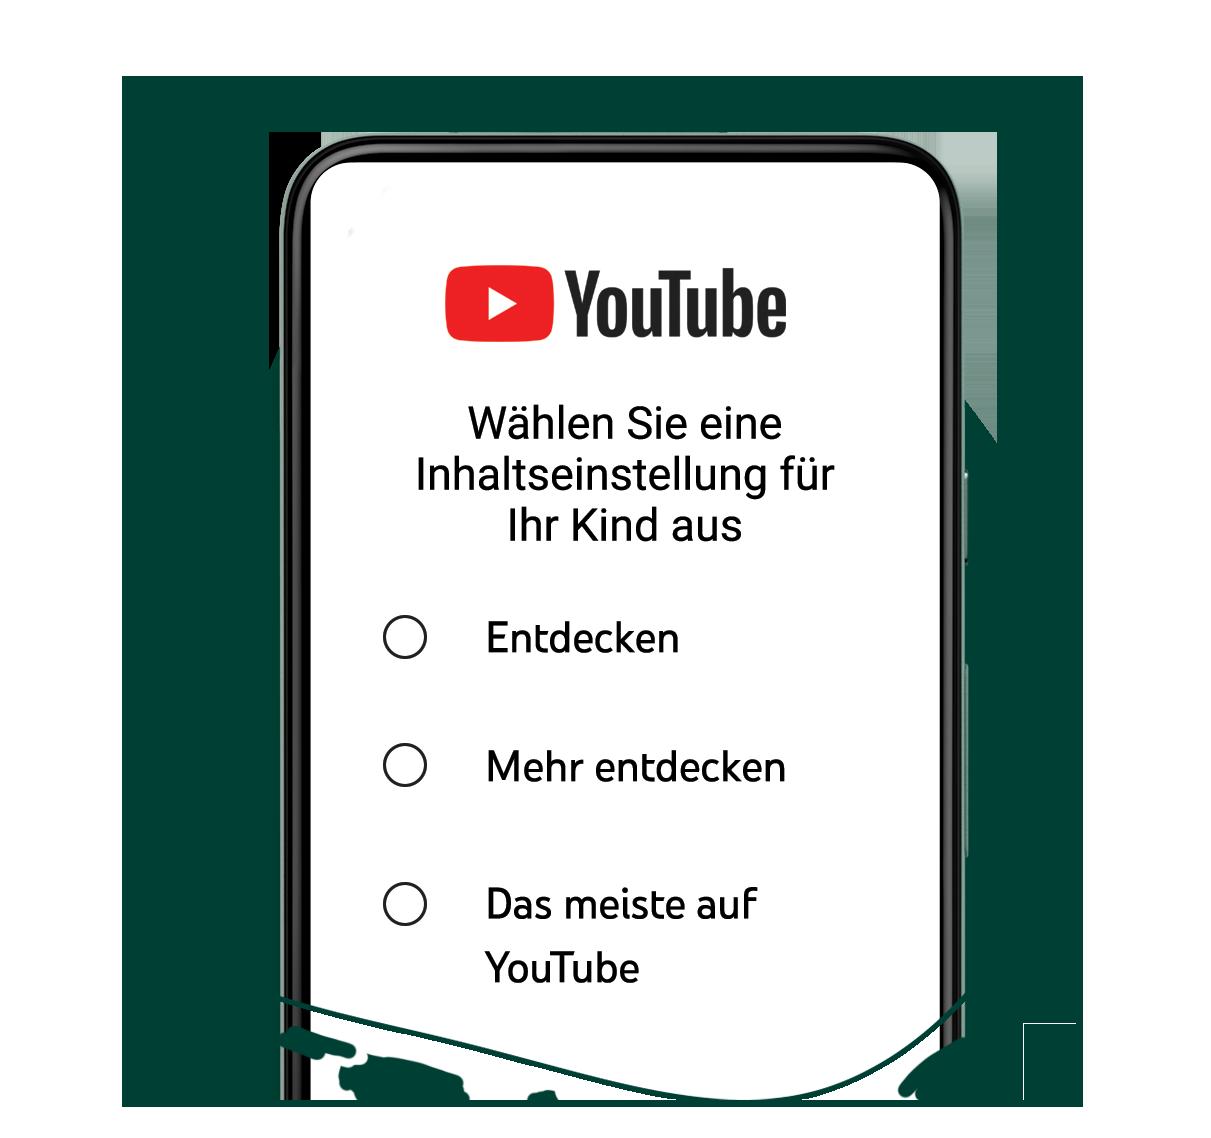 YouTube unter Elternaufsicht - die neue Funktion